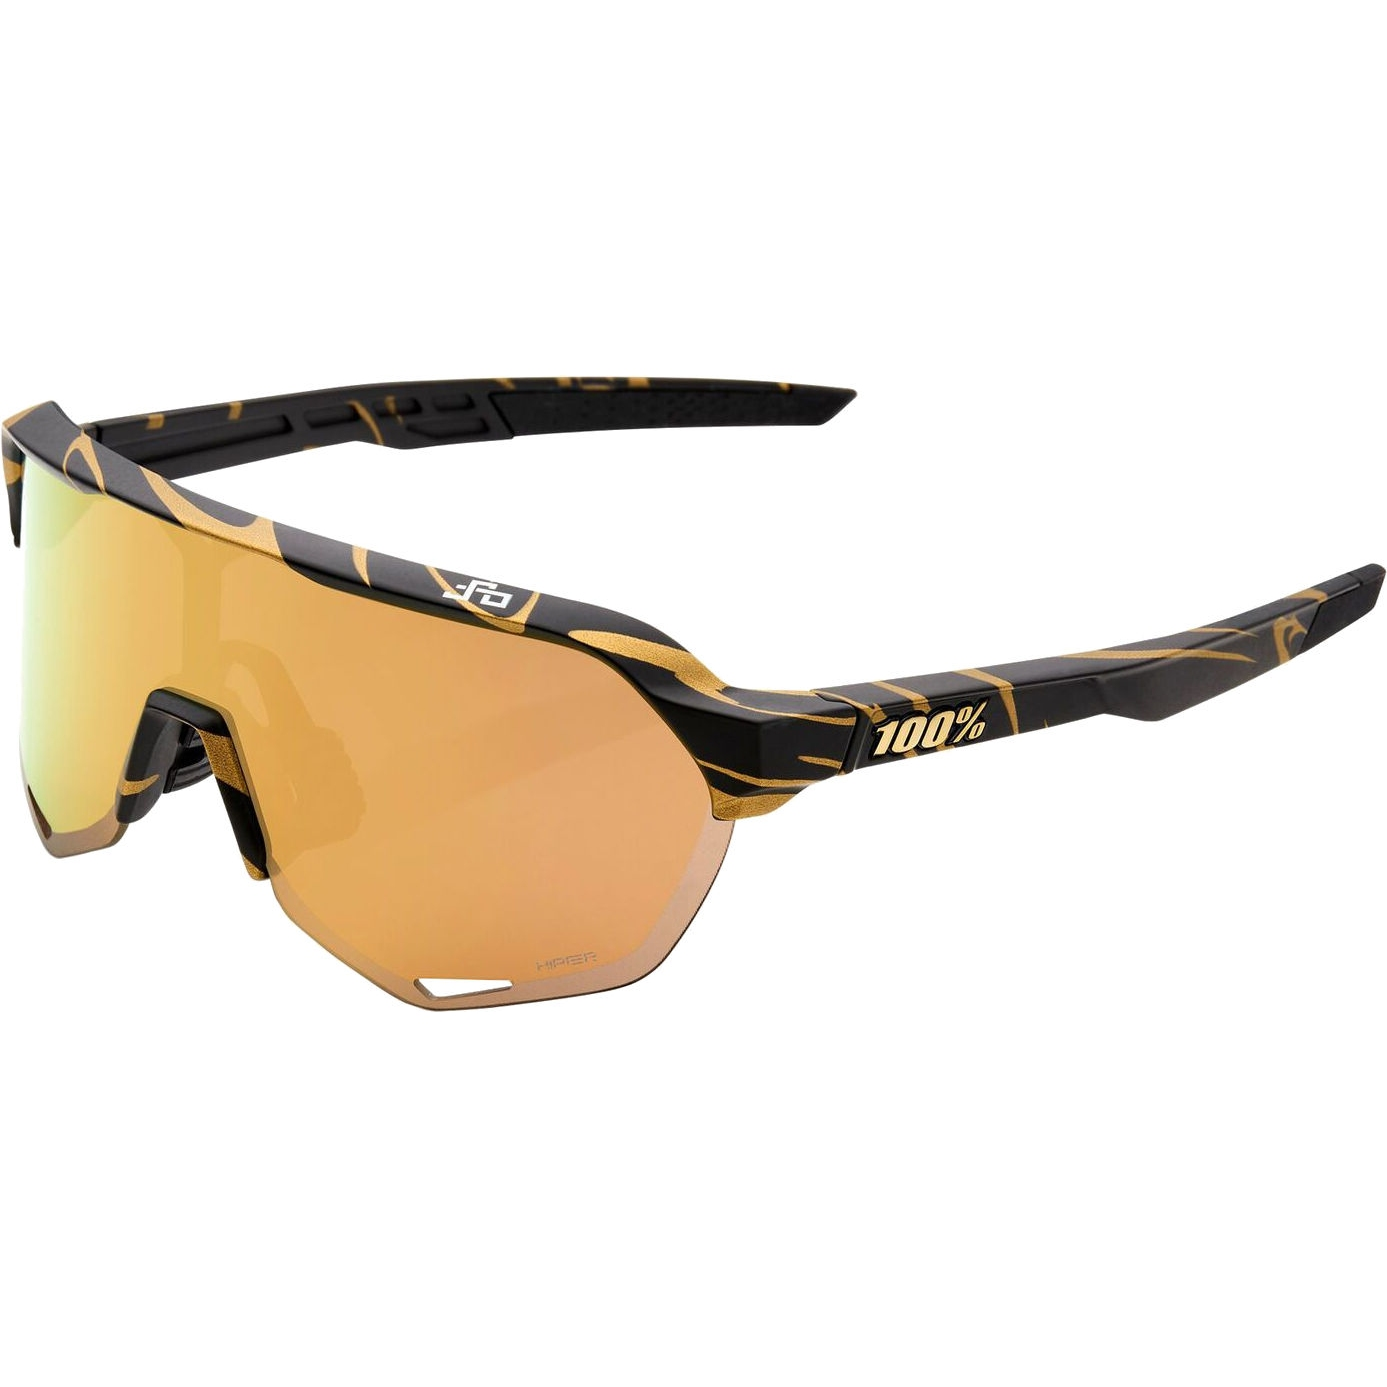 100% S2 LE HiPER Lens Gafas - Peter Sagan Edición Especial - Metallic Gold Flake